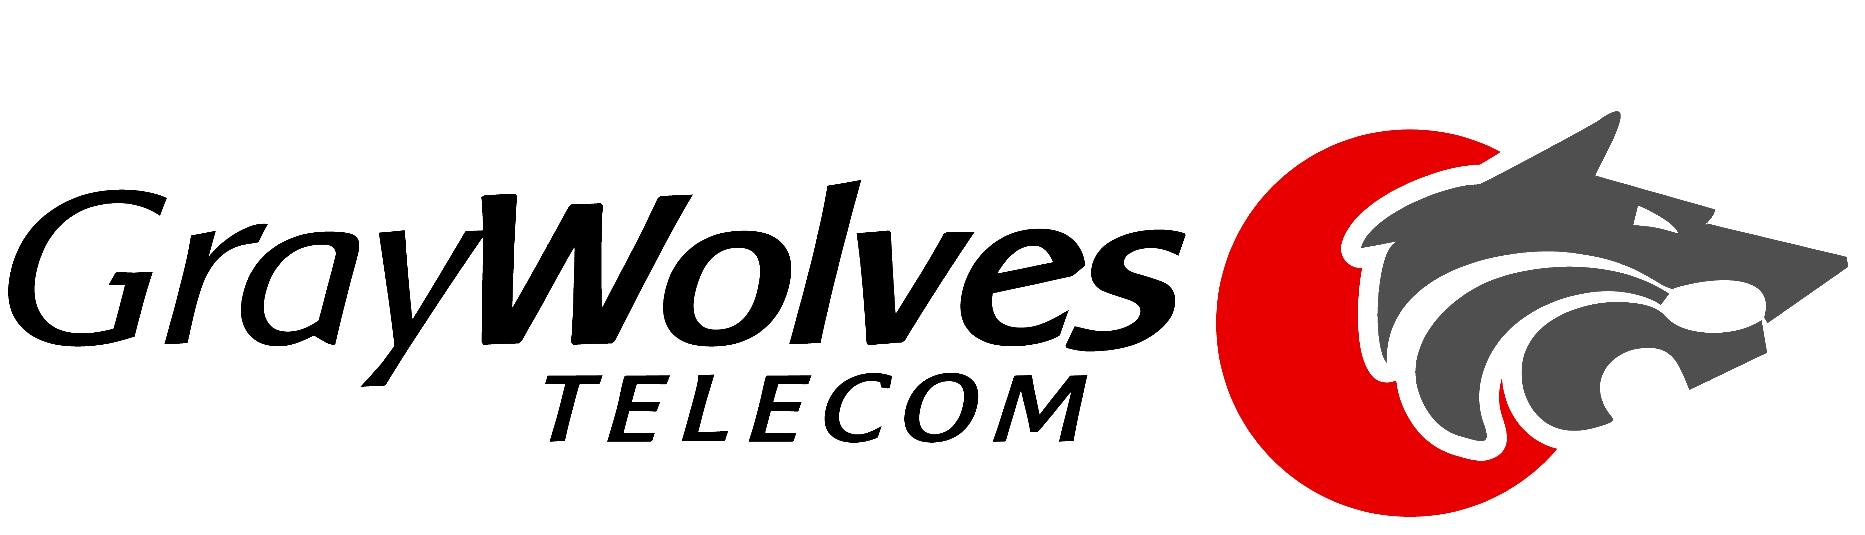 GrayWolves Telecom